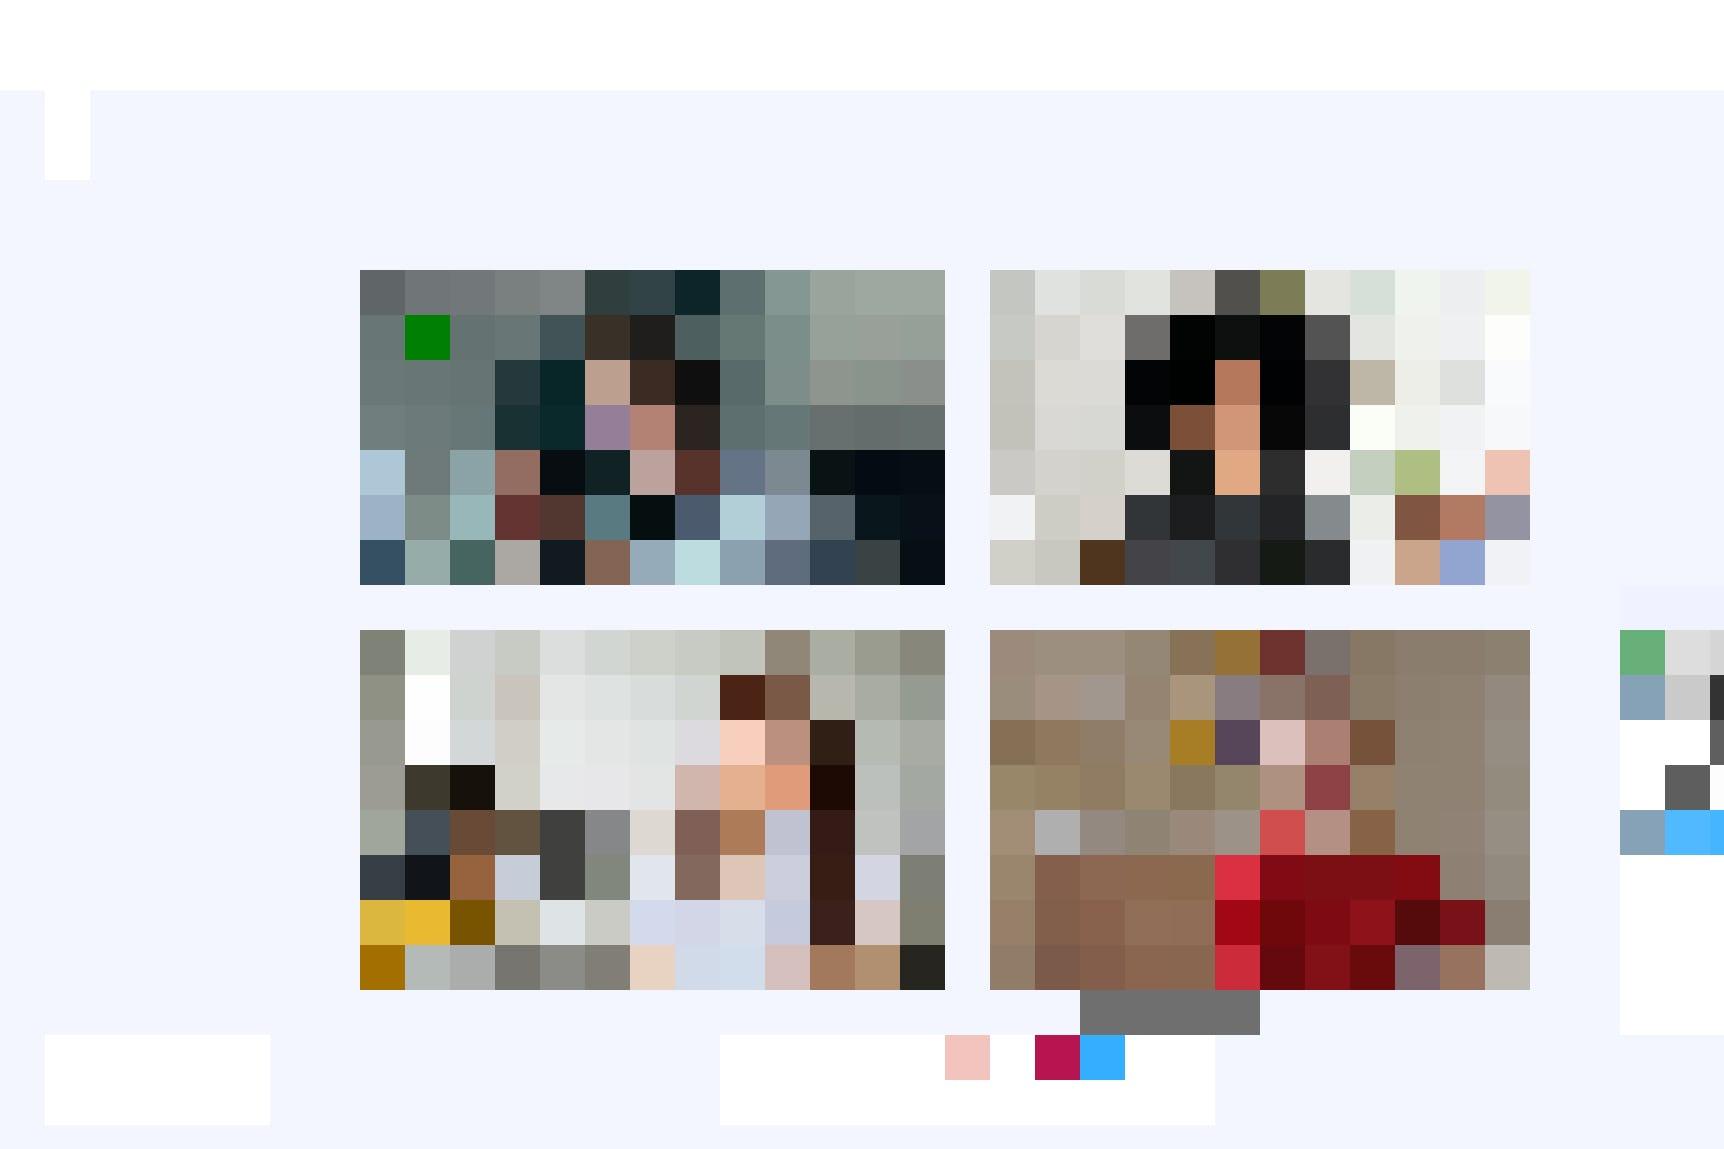 kMeet ist eine kostenlose und unbegrenzte Videokonferenzlösung, die die Privatsphäre respektiert.